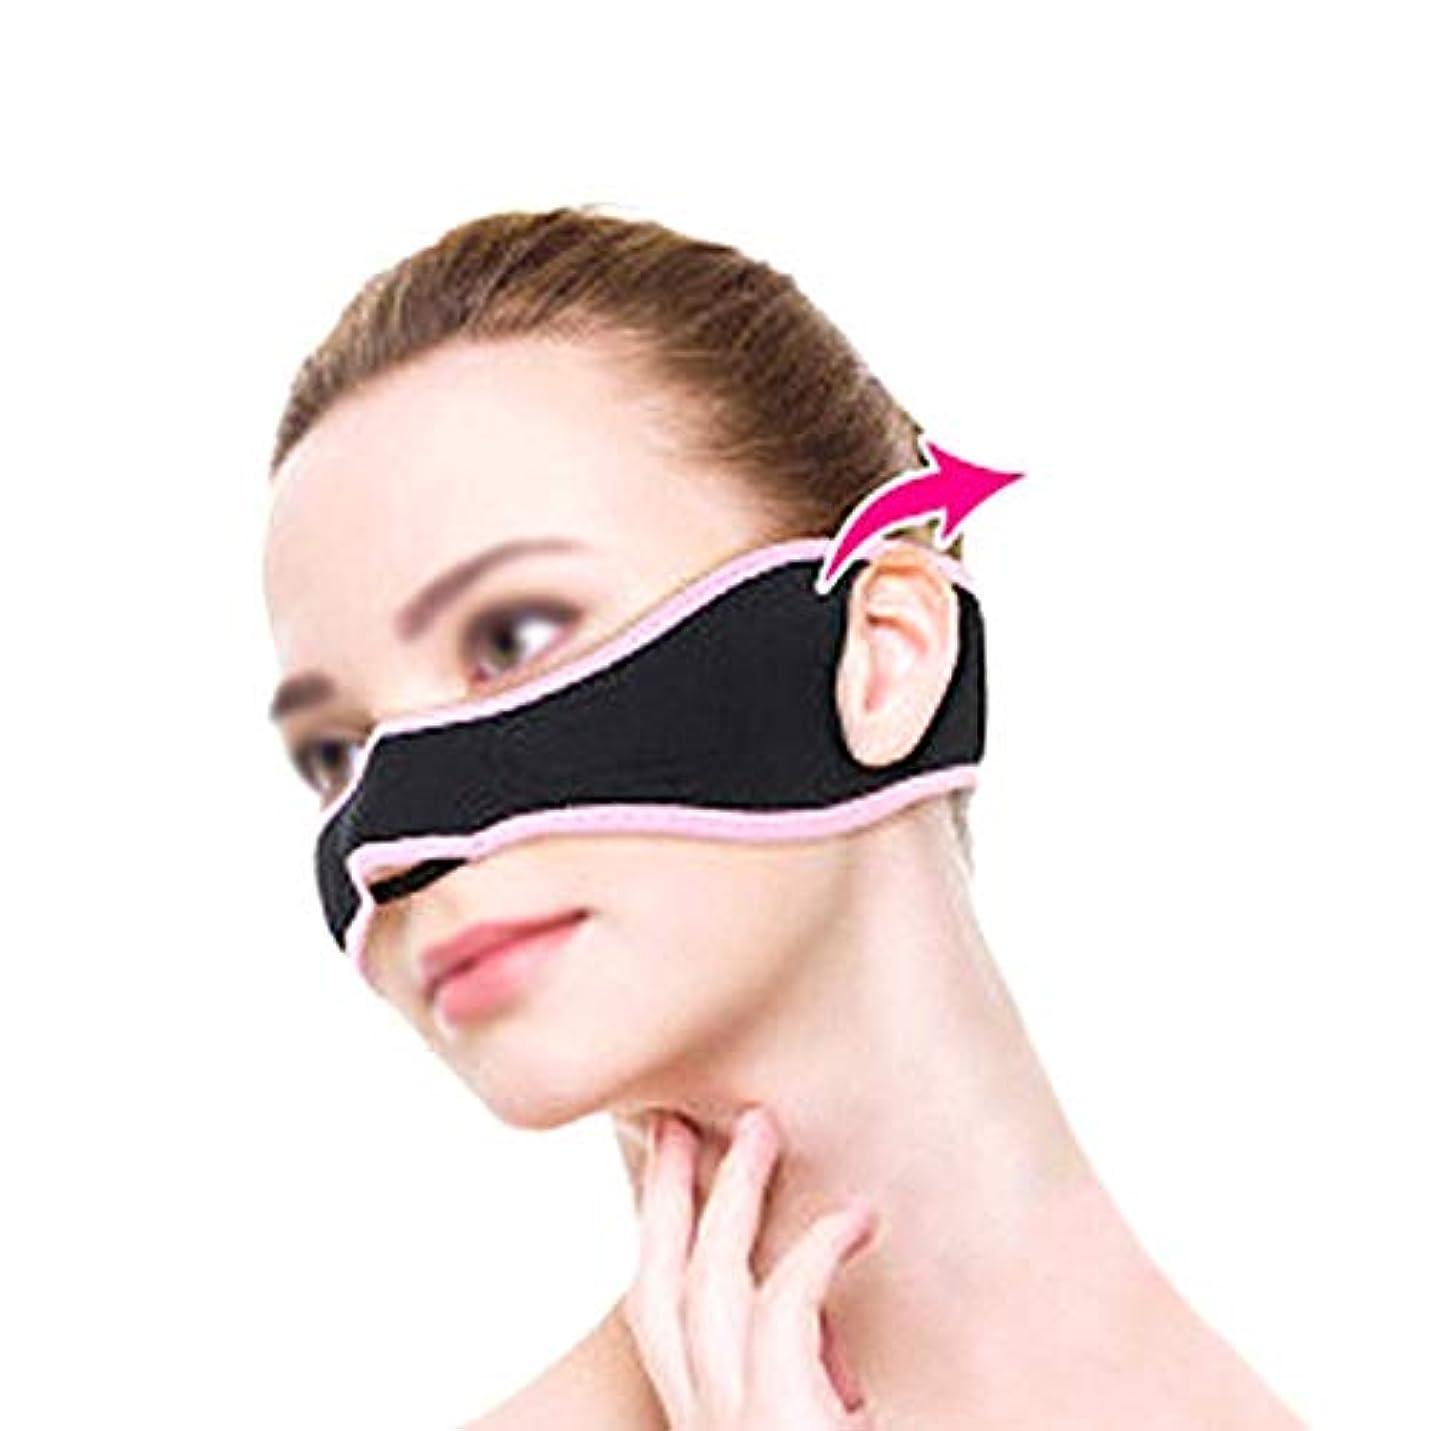 大型トラック急流テンションXHLMRMJ フェイスリフティングマスク、チークリフトアップマスク、薄くて薄い顔、顔の筋肉を引き締めて持ち上げ、持ち運びが簡単で、男性と女性の両方が使用できます